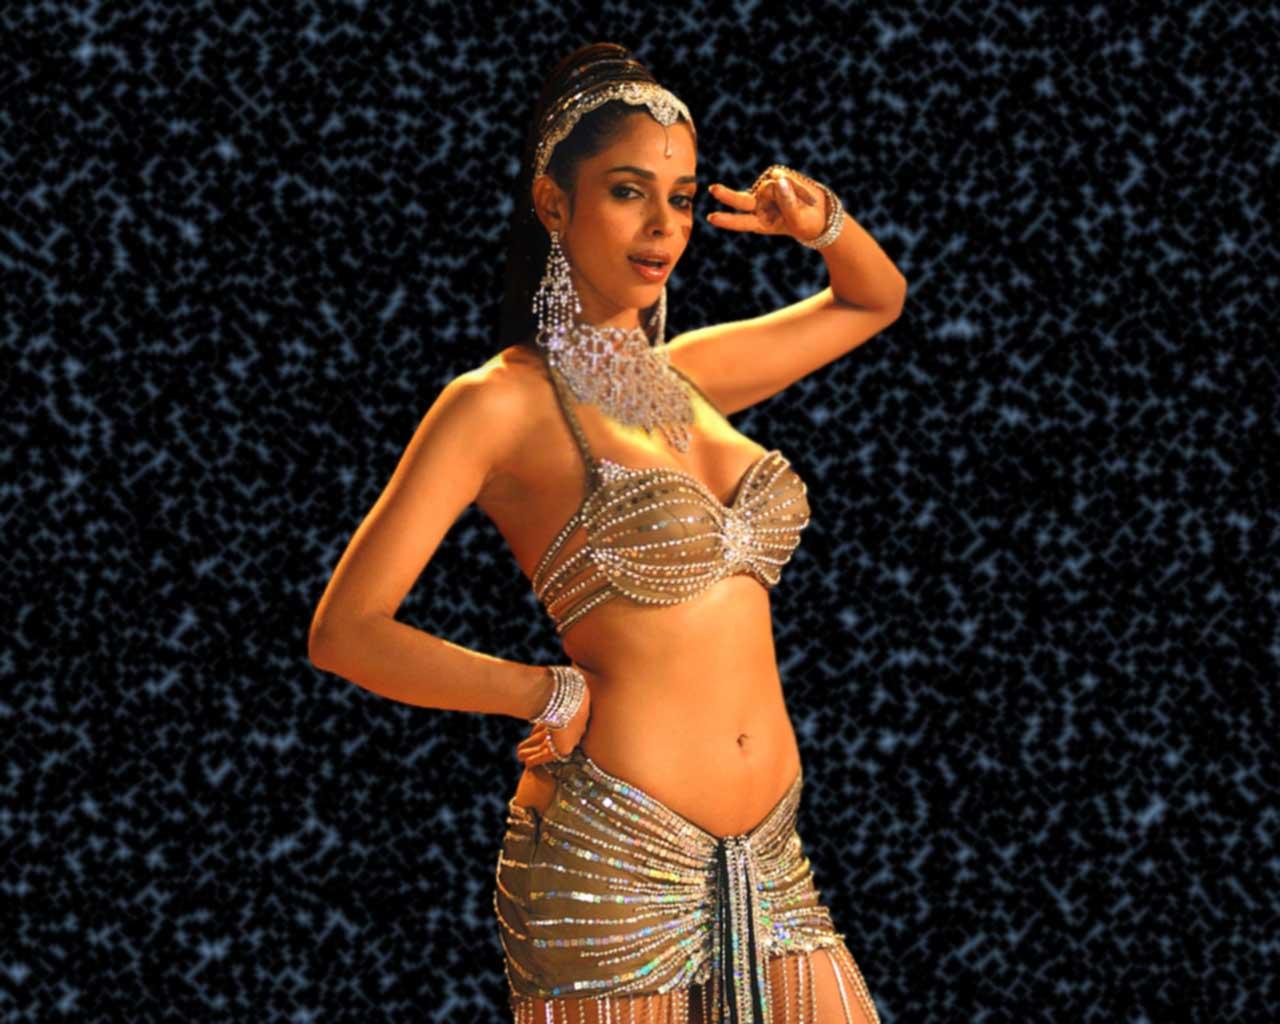 Hot Mallika sherawat Pictures2